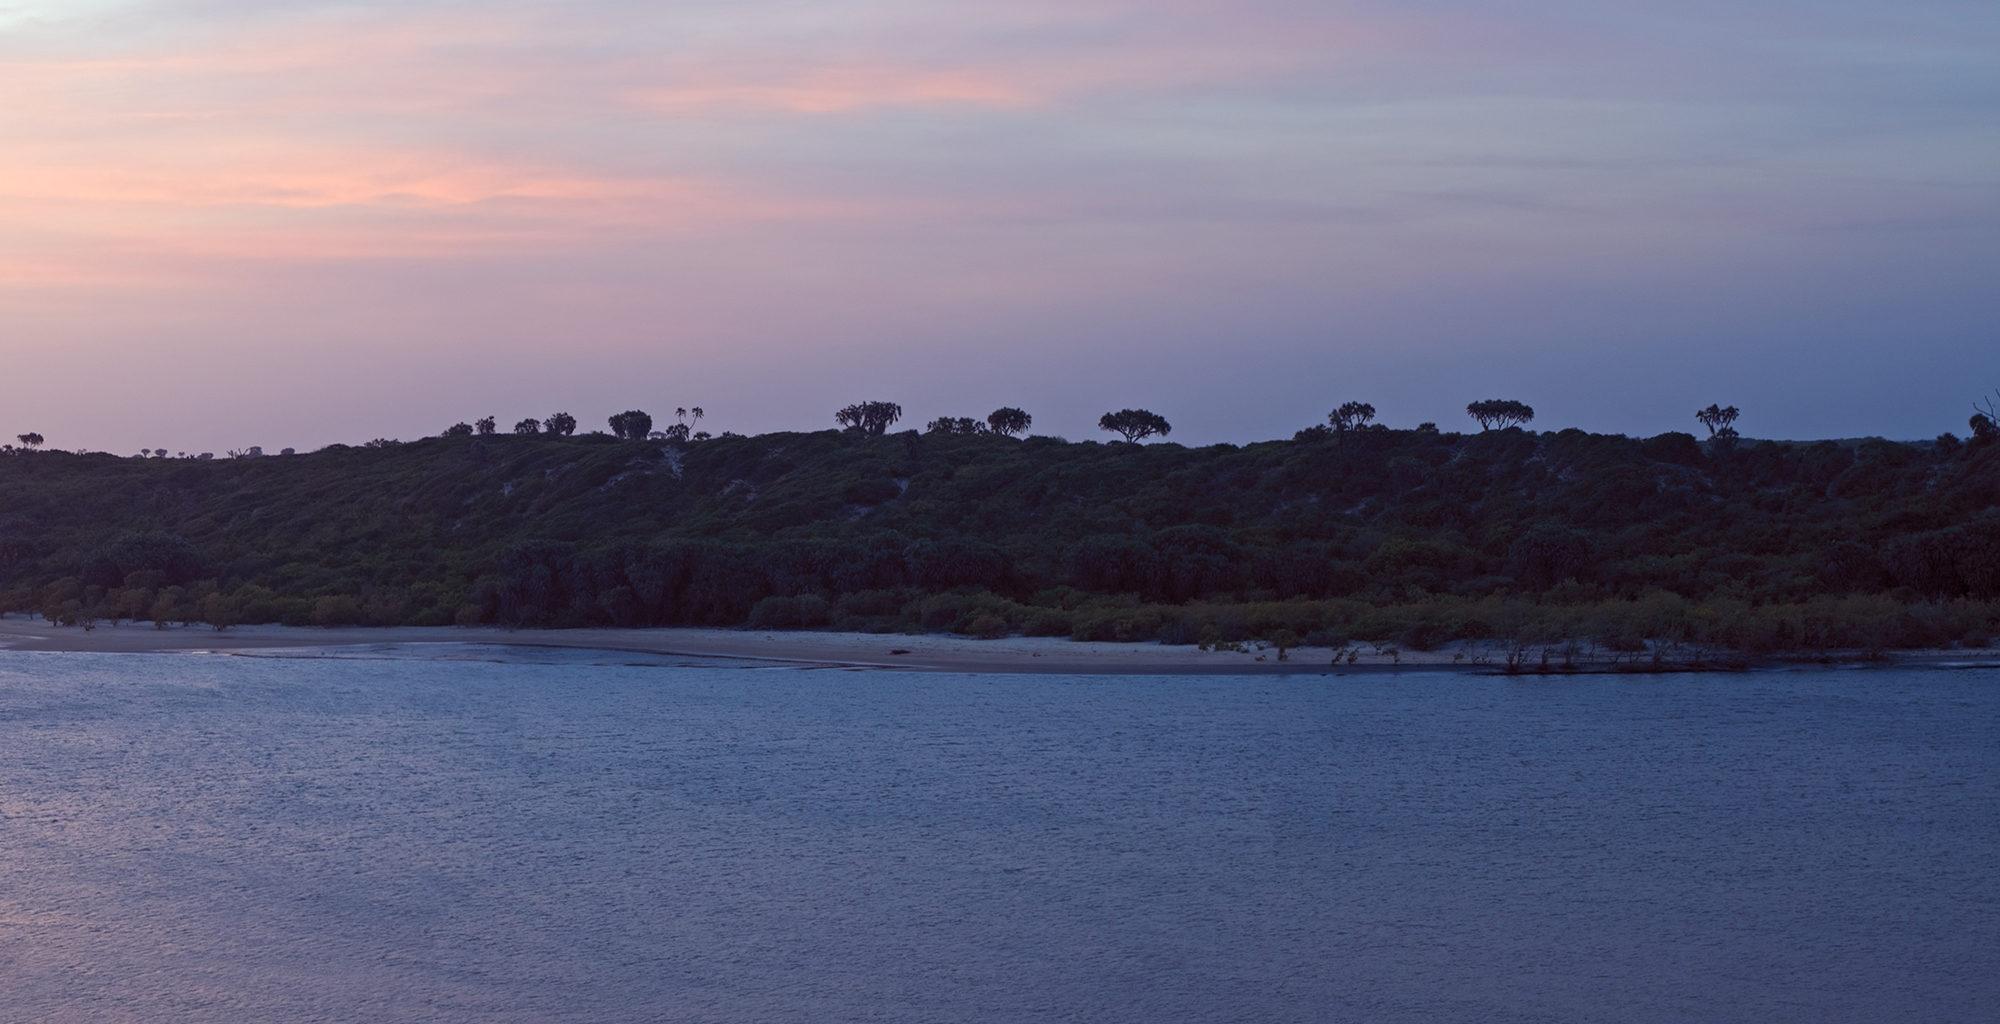 Kenya-Mainland-Coast-Sunset